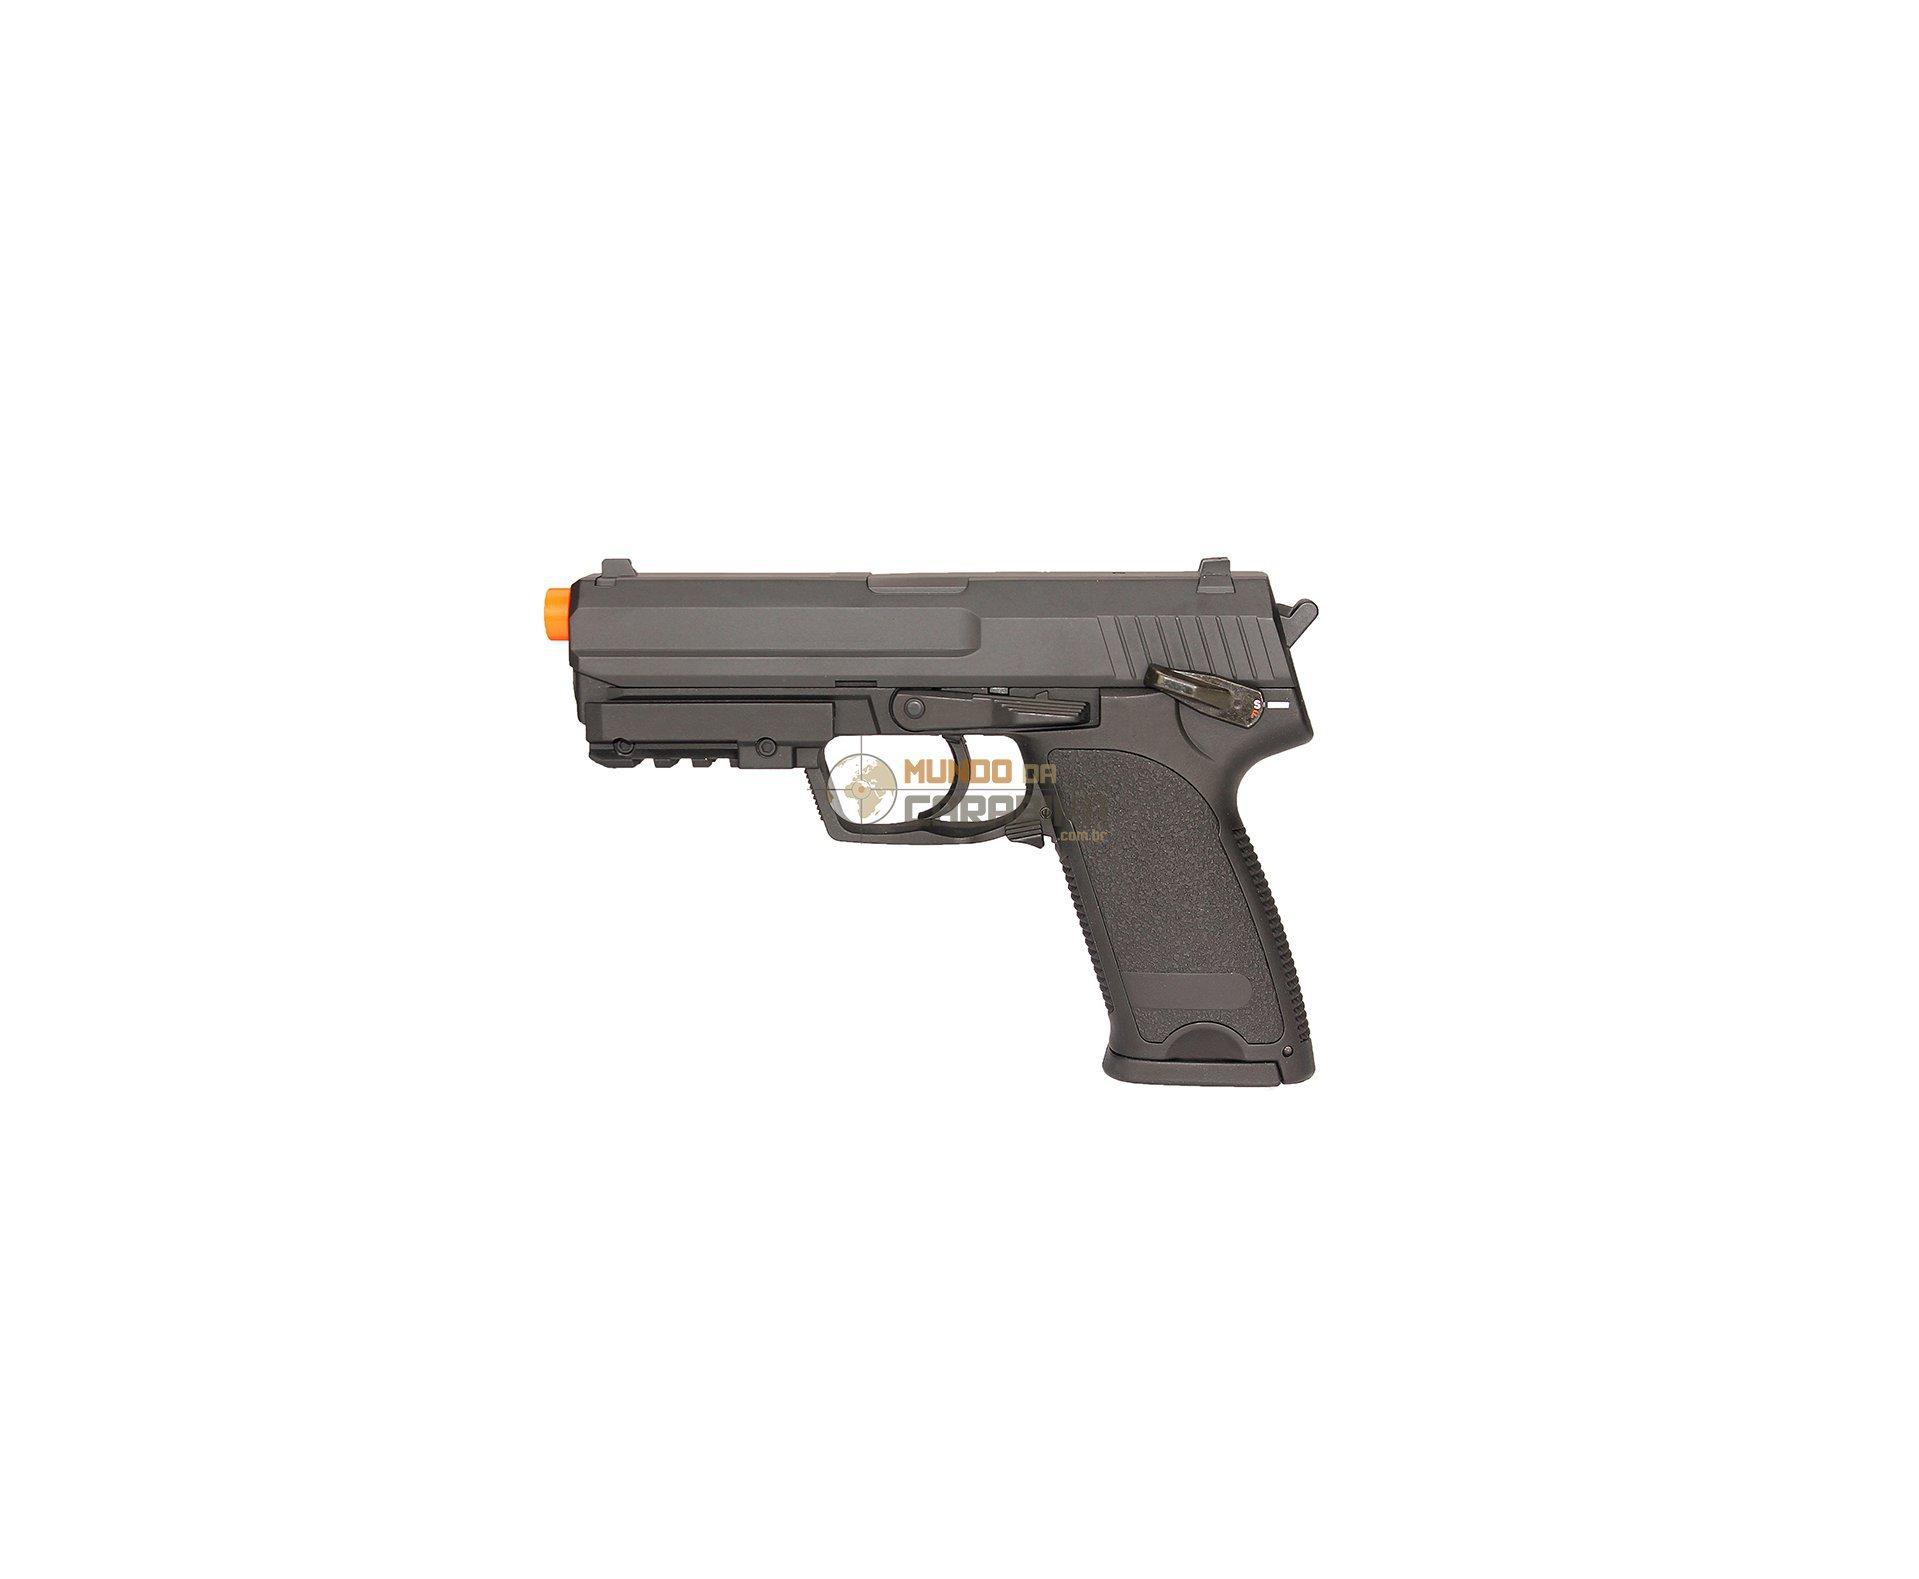 Pistola De Airsoft Eletrica Usp Bivolt + Esferas 0,20g + Case Deluxe + Coldre - Cyma